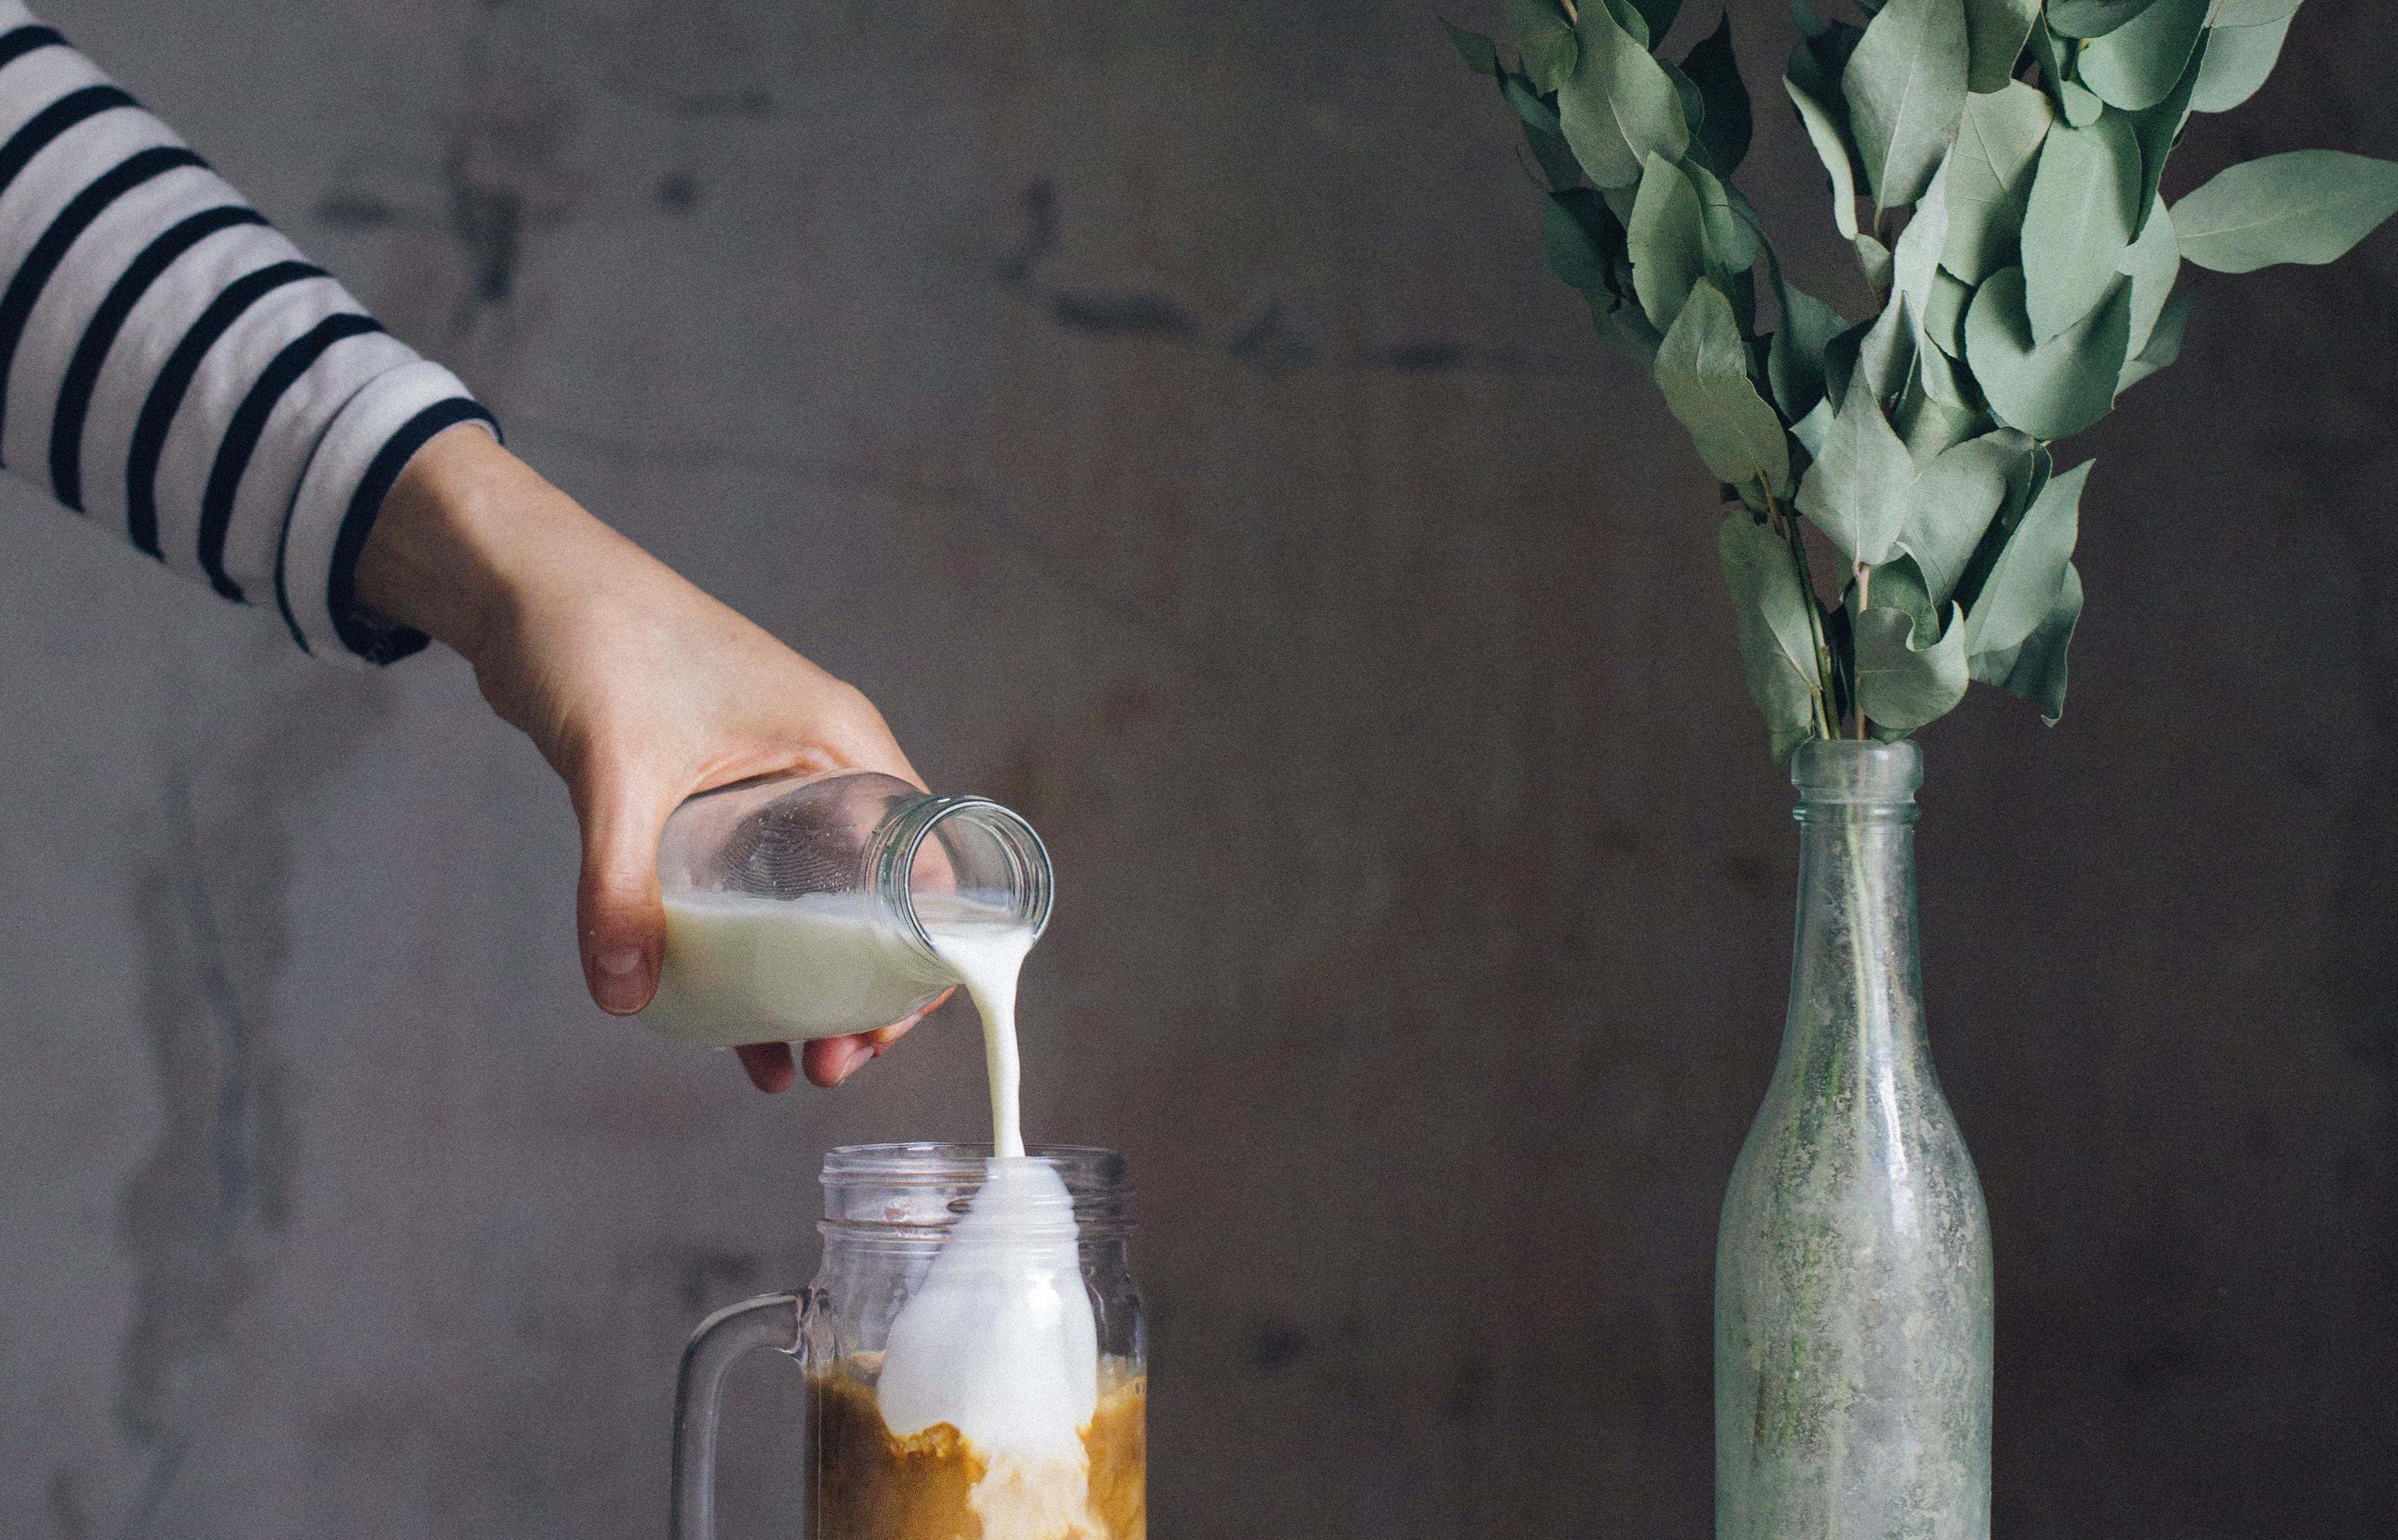 Plantaardige Melk Alternatief Koemelk Duurzaam